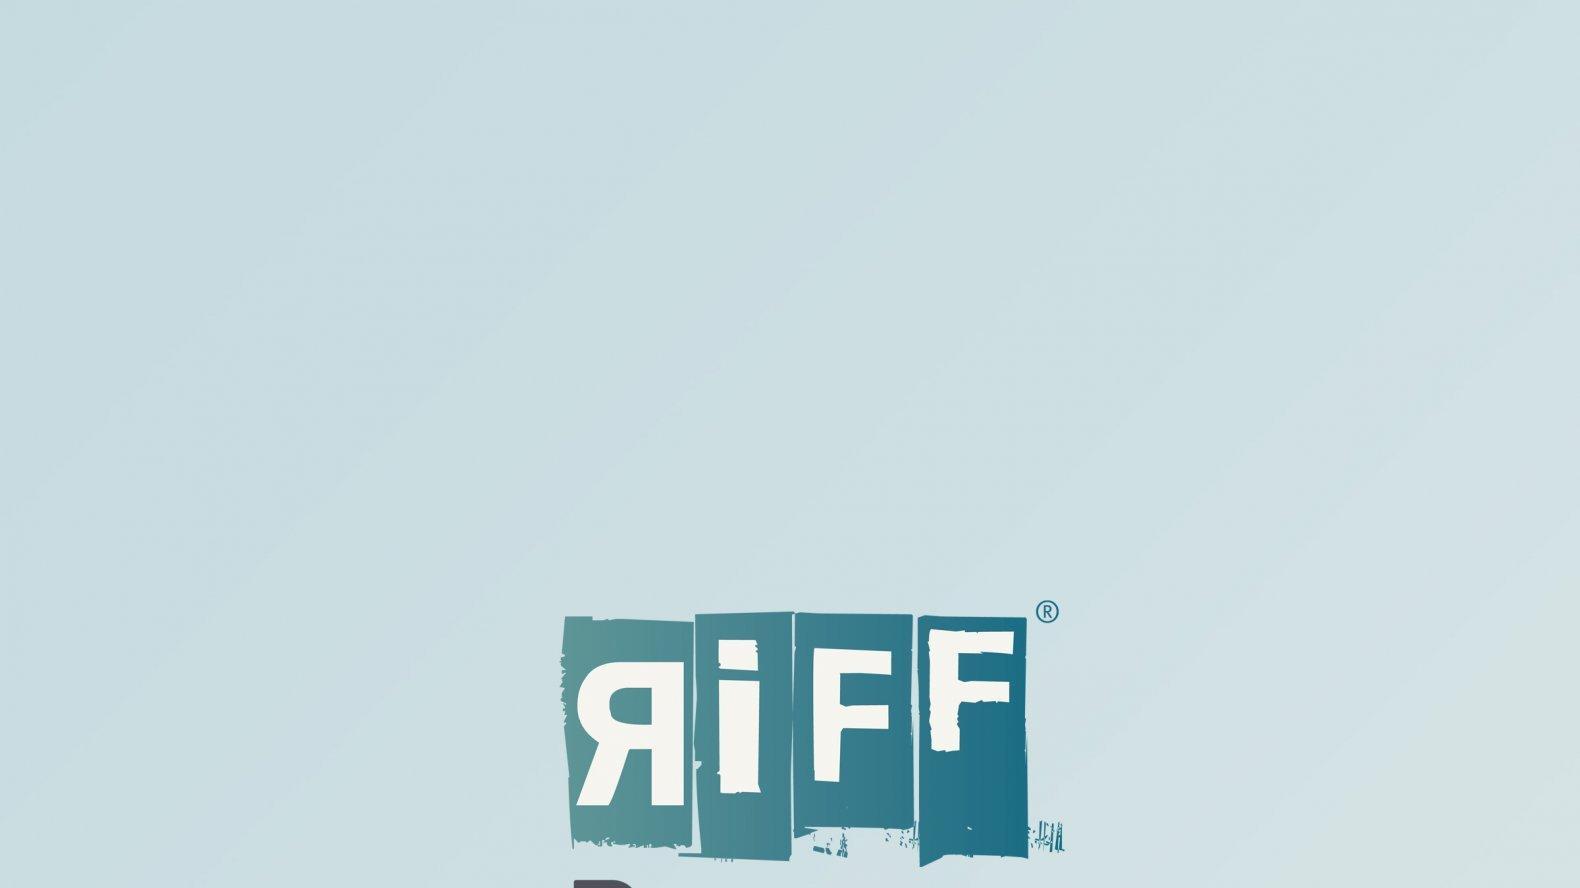 Hubble kreist um die Erde, die blau darunter schimmert